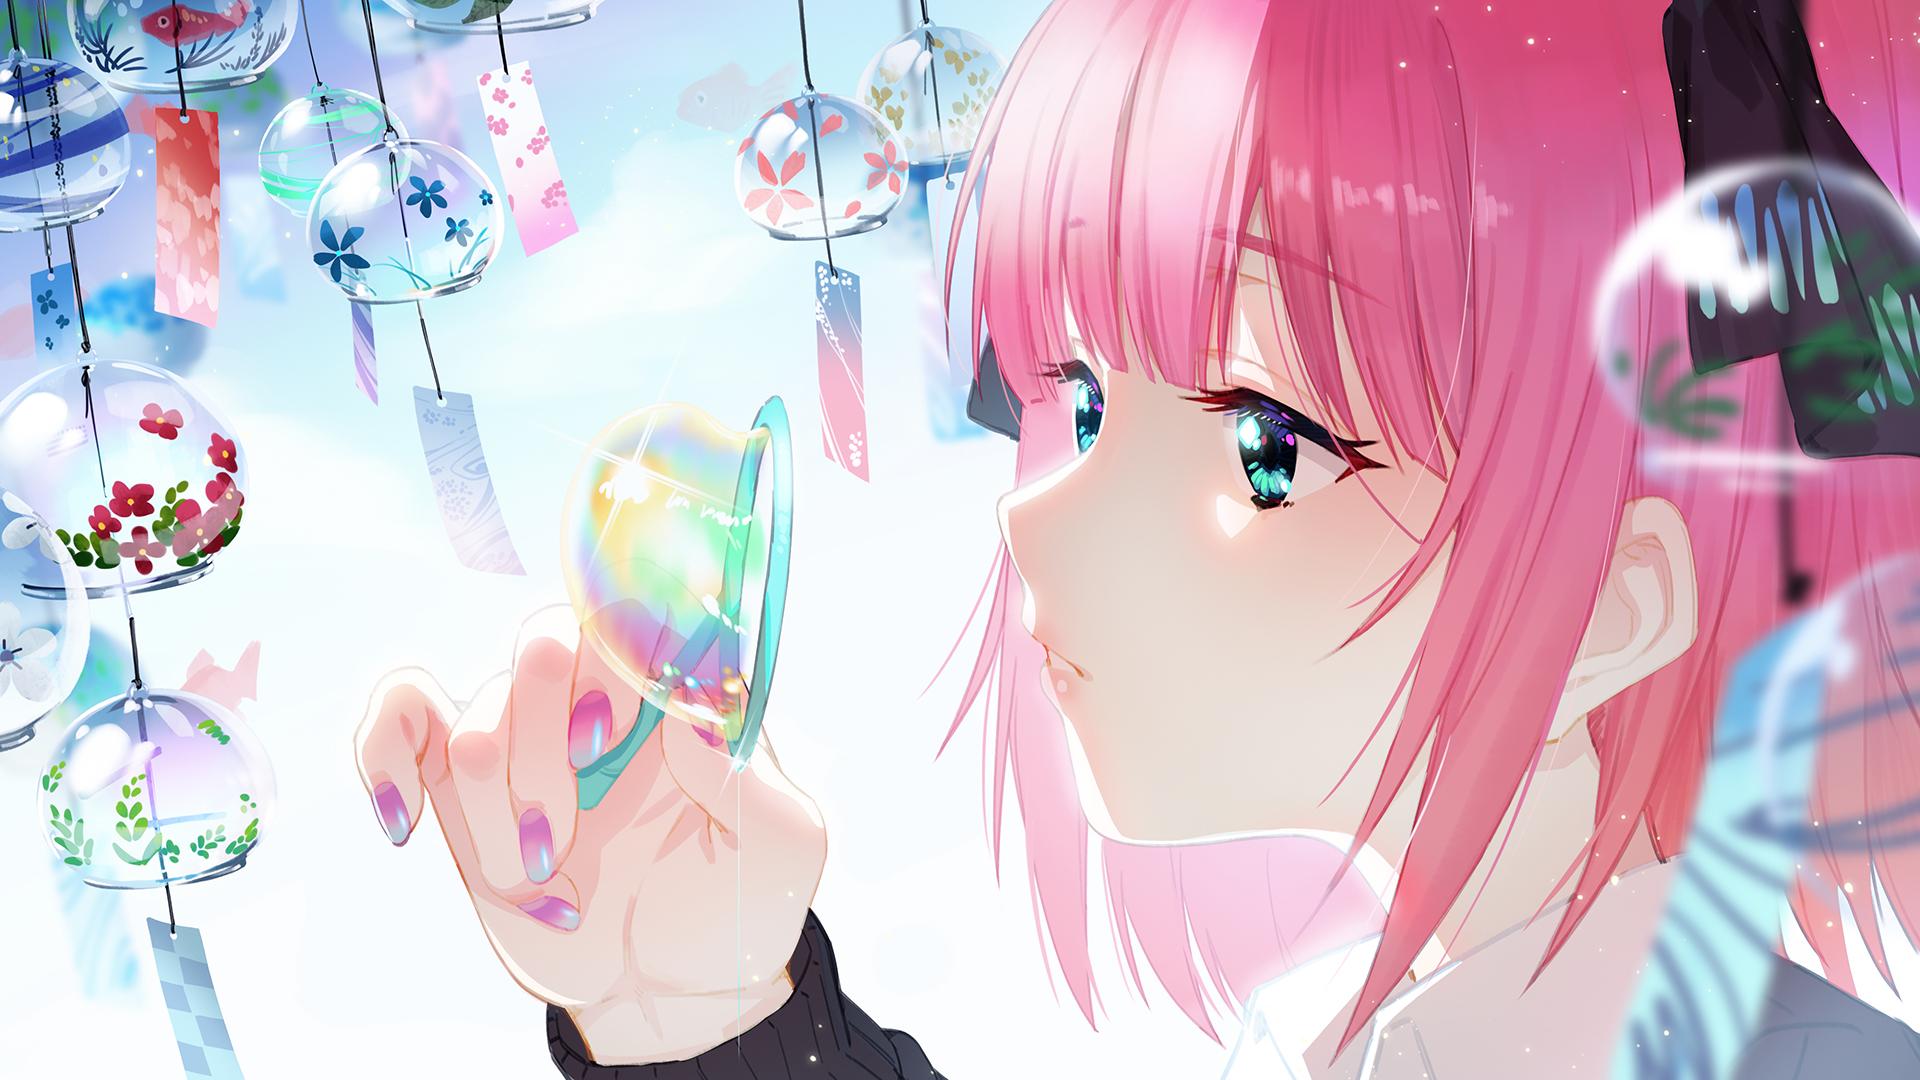 Anime 1920x1080 anime anime girls Nakano Nino aqua eyes pink hair pink nails bubbles 5-toubun no Hanayome Zhanzheng Zi